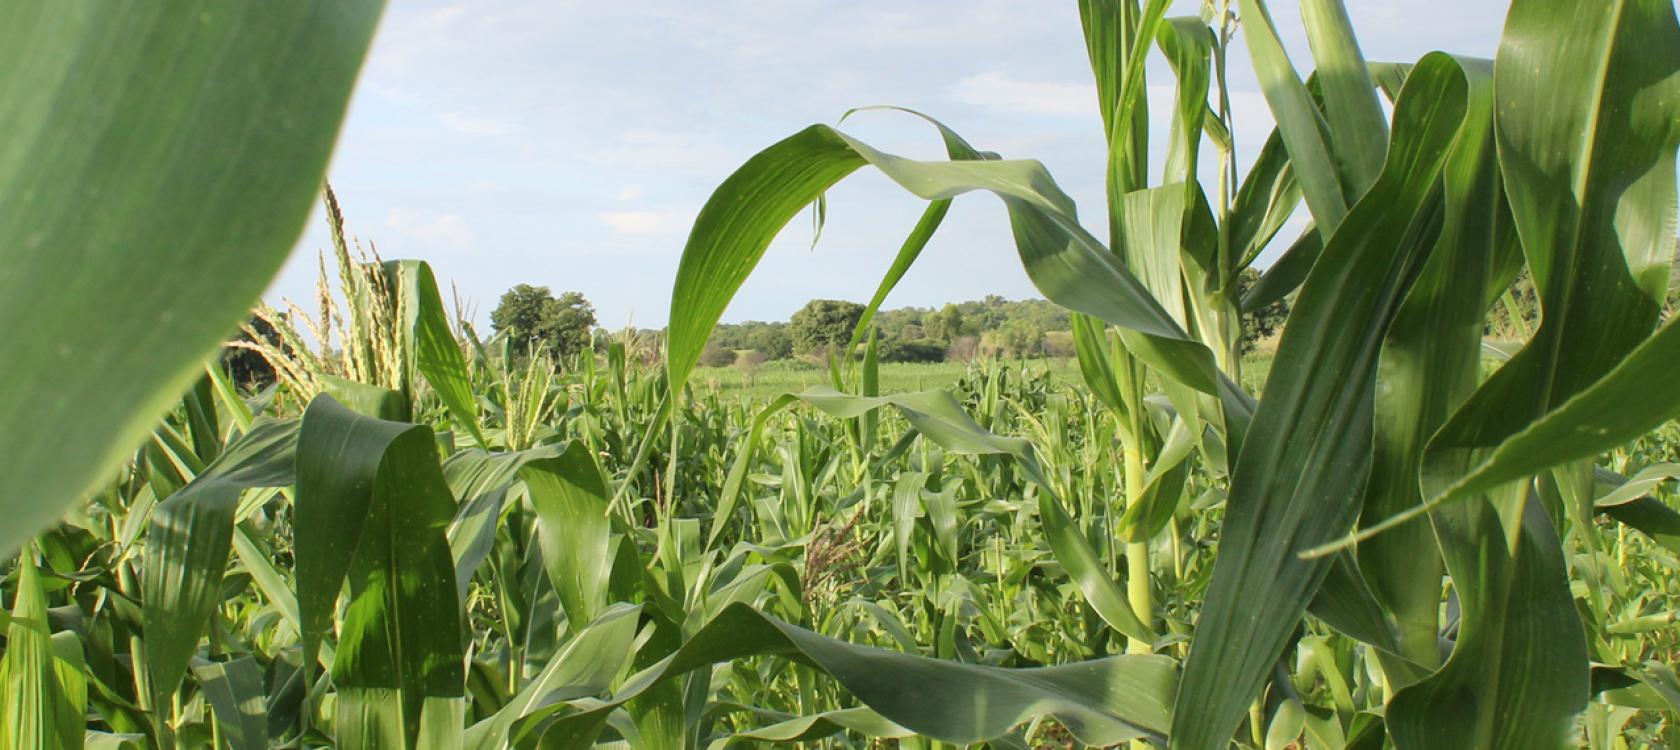 Les pays africains s'engagent à doubler la productivité agricole pour accroître la sécurité alimentaire